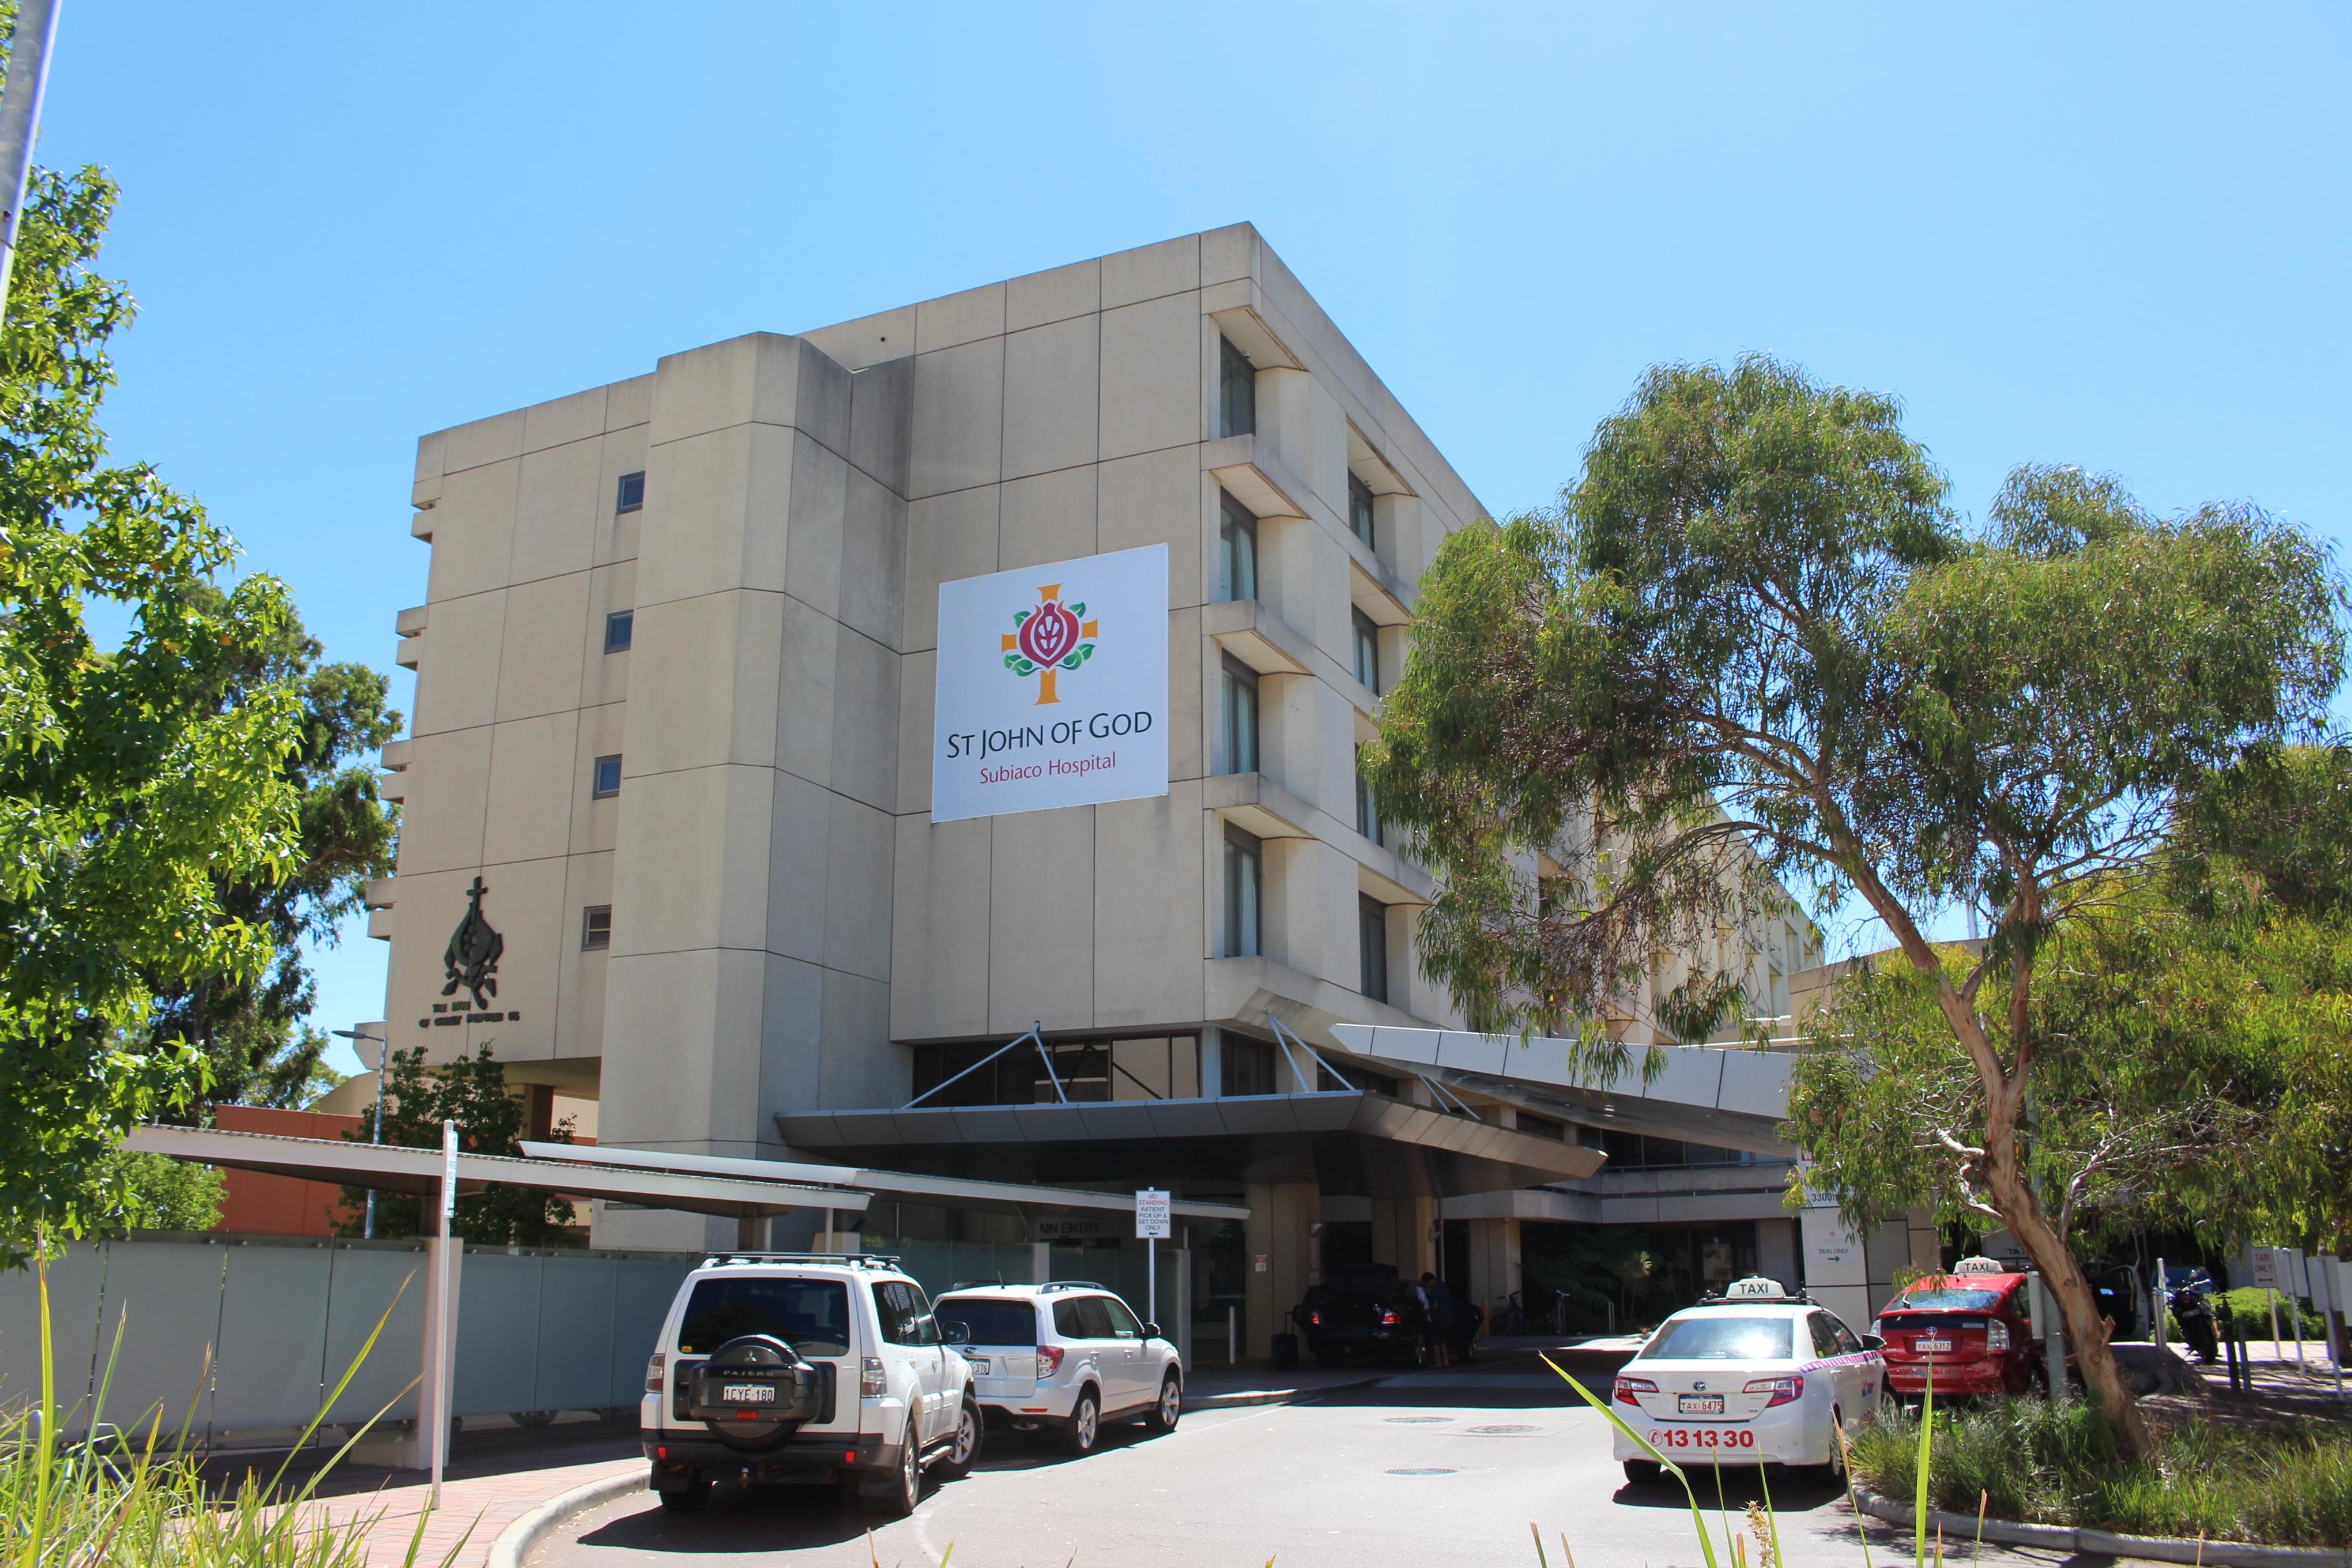 St John of God Subiaco Hospital - Wikipedia